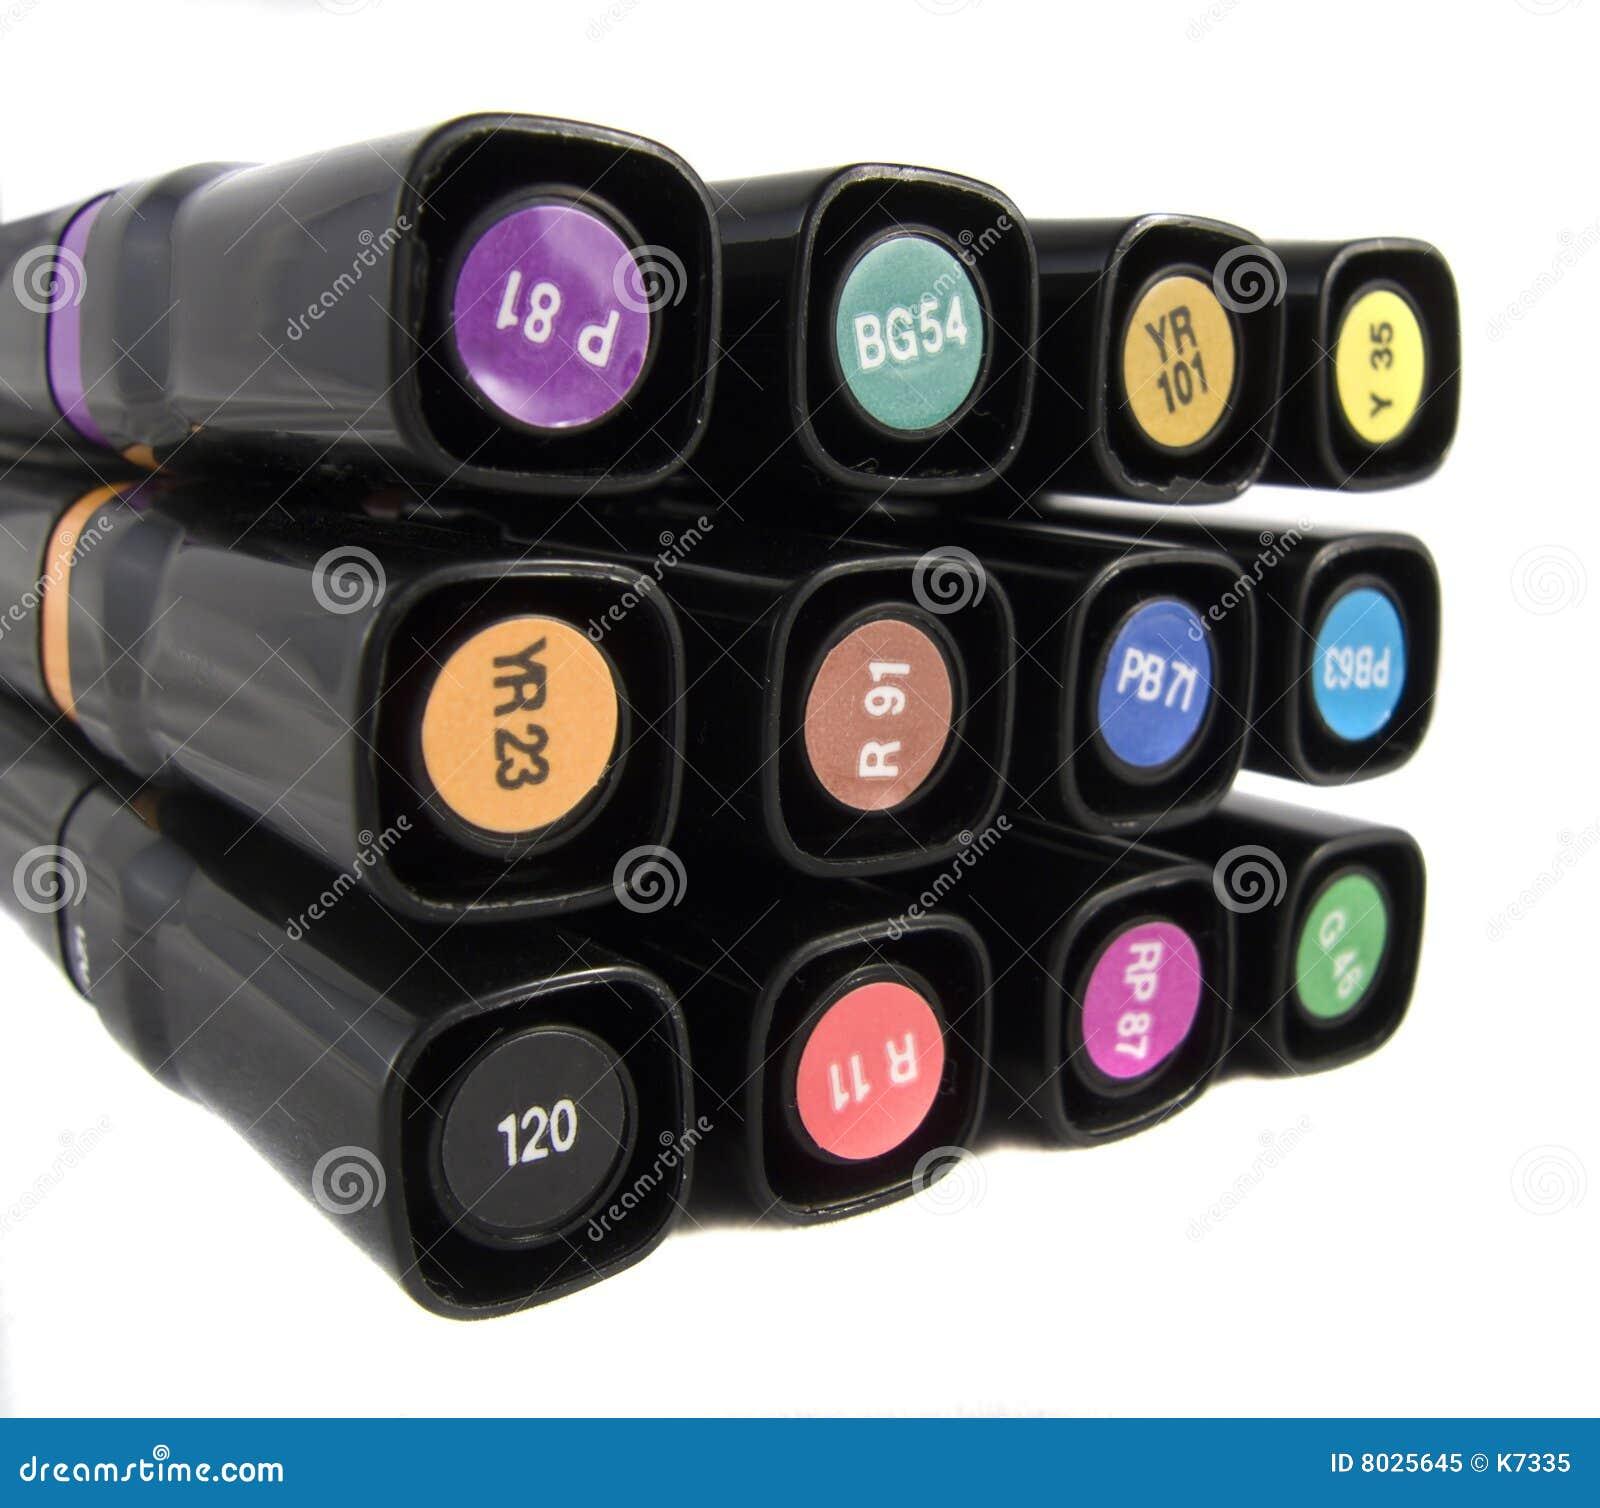 Proffessional designer 39 s marker pens royalty free stock for Designer s image